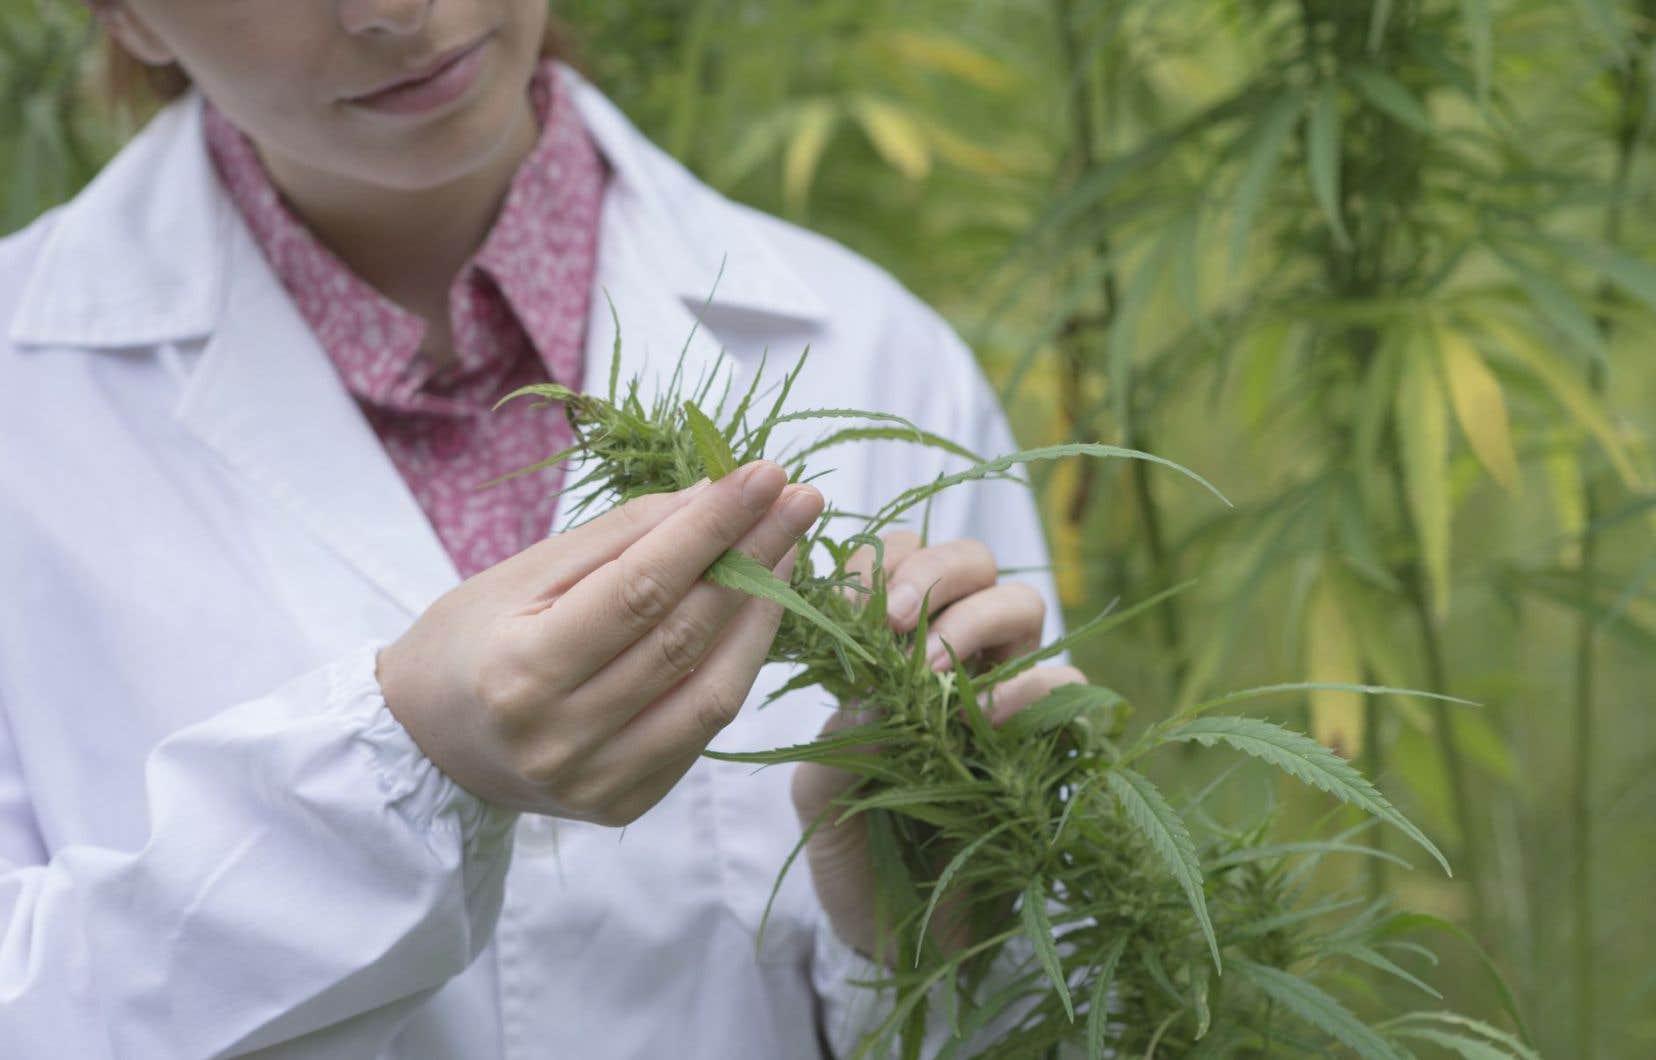 Un essai clinique qui sera mené au CRCHUM vise à savoir si le cannabidiol est efficace pour aider les toxicomanes à se libérer de leur dépendance à la cocaïne.